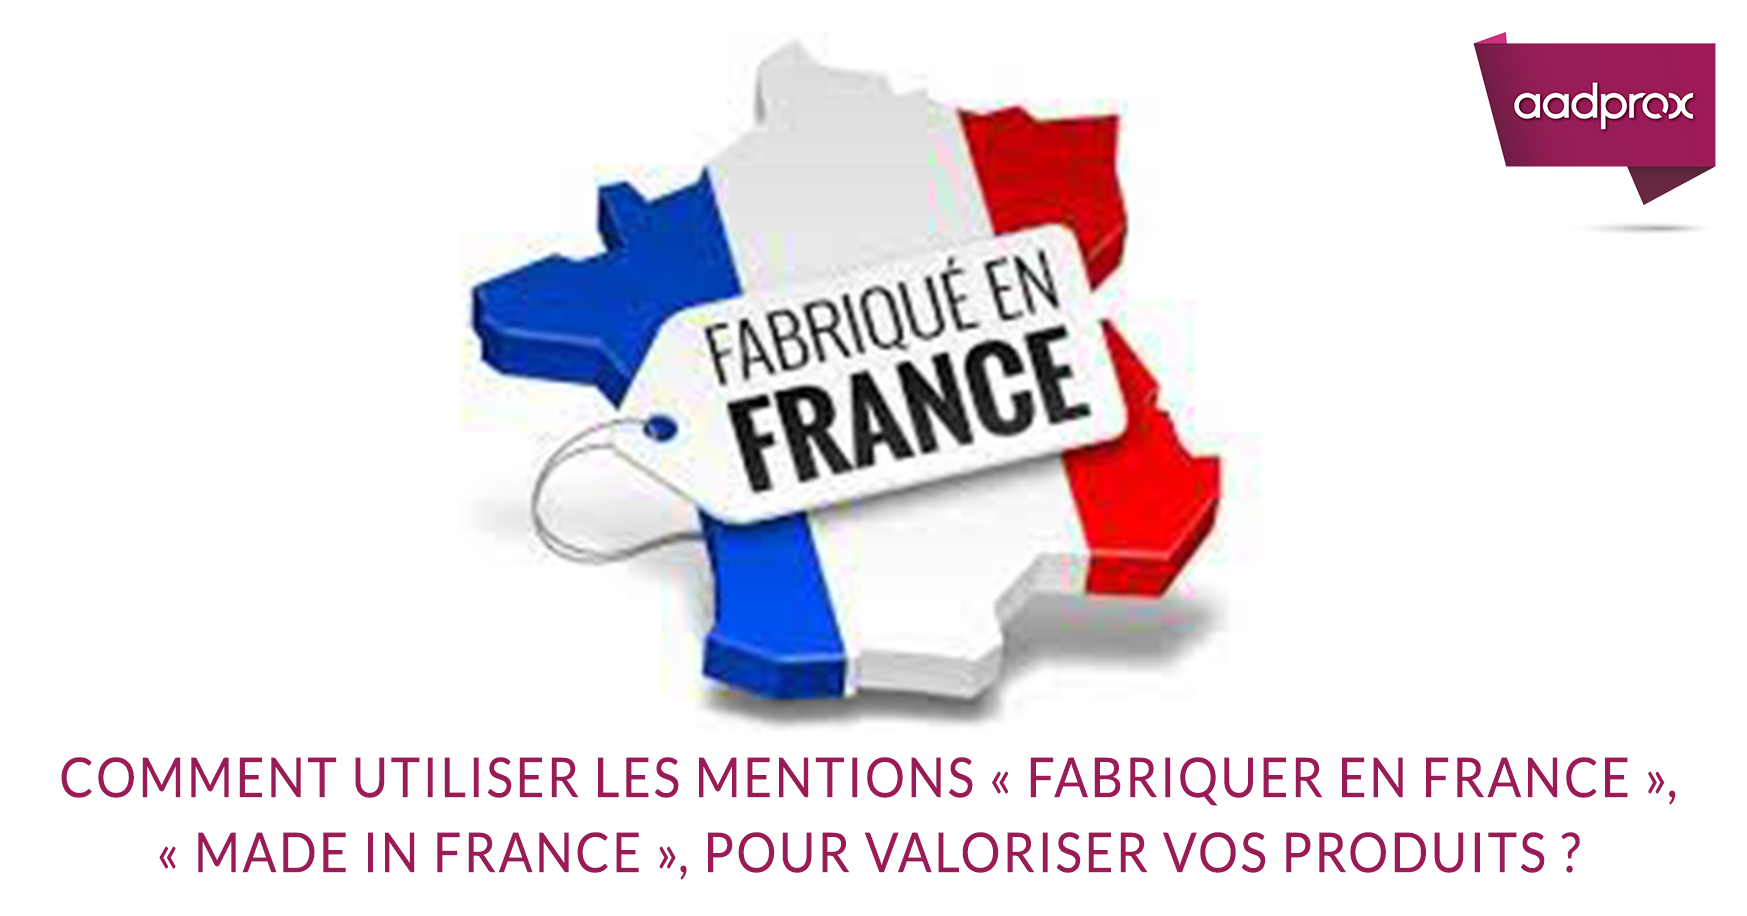 Comment utiliser les mentions « Fabriquer en France », « Made in France », pour valoriser vos produits ?